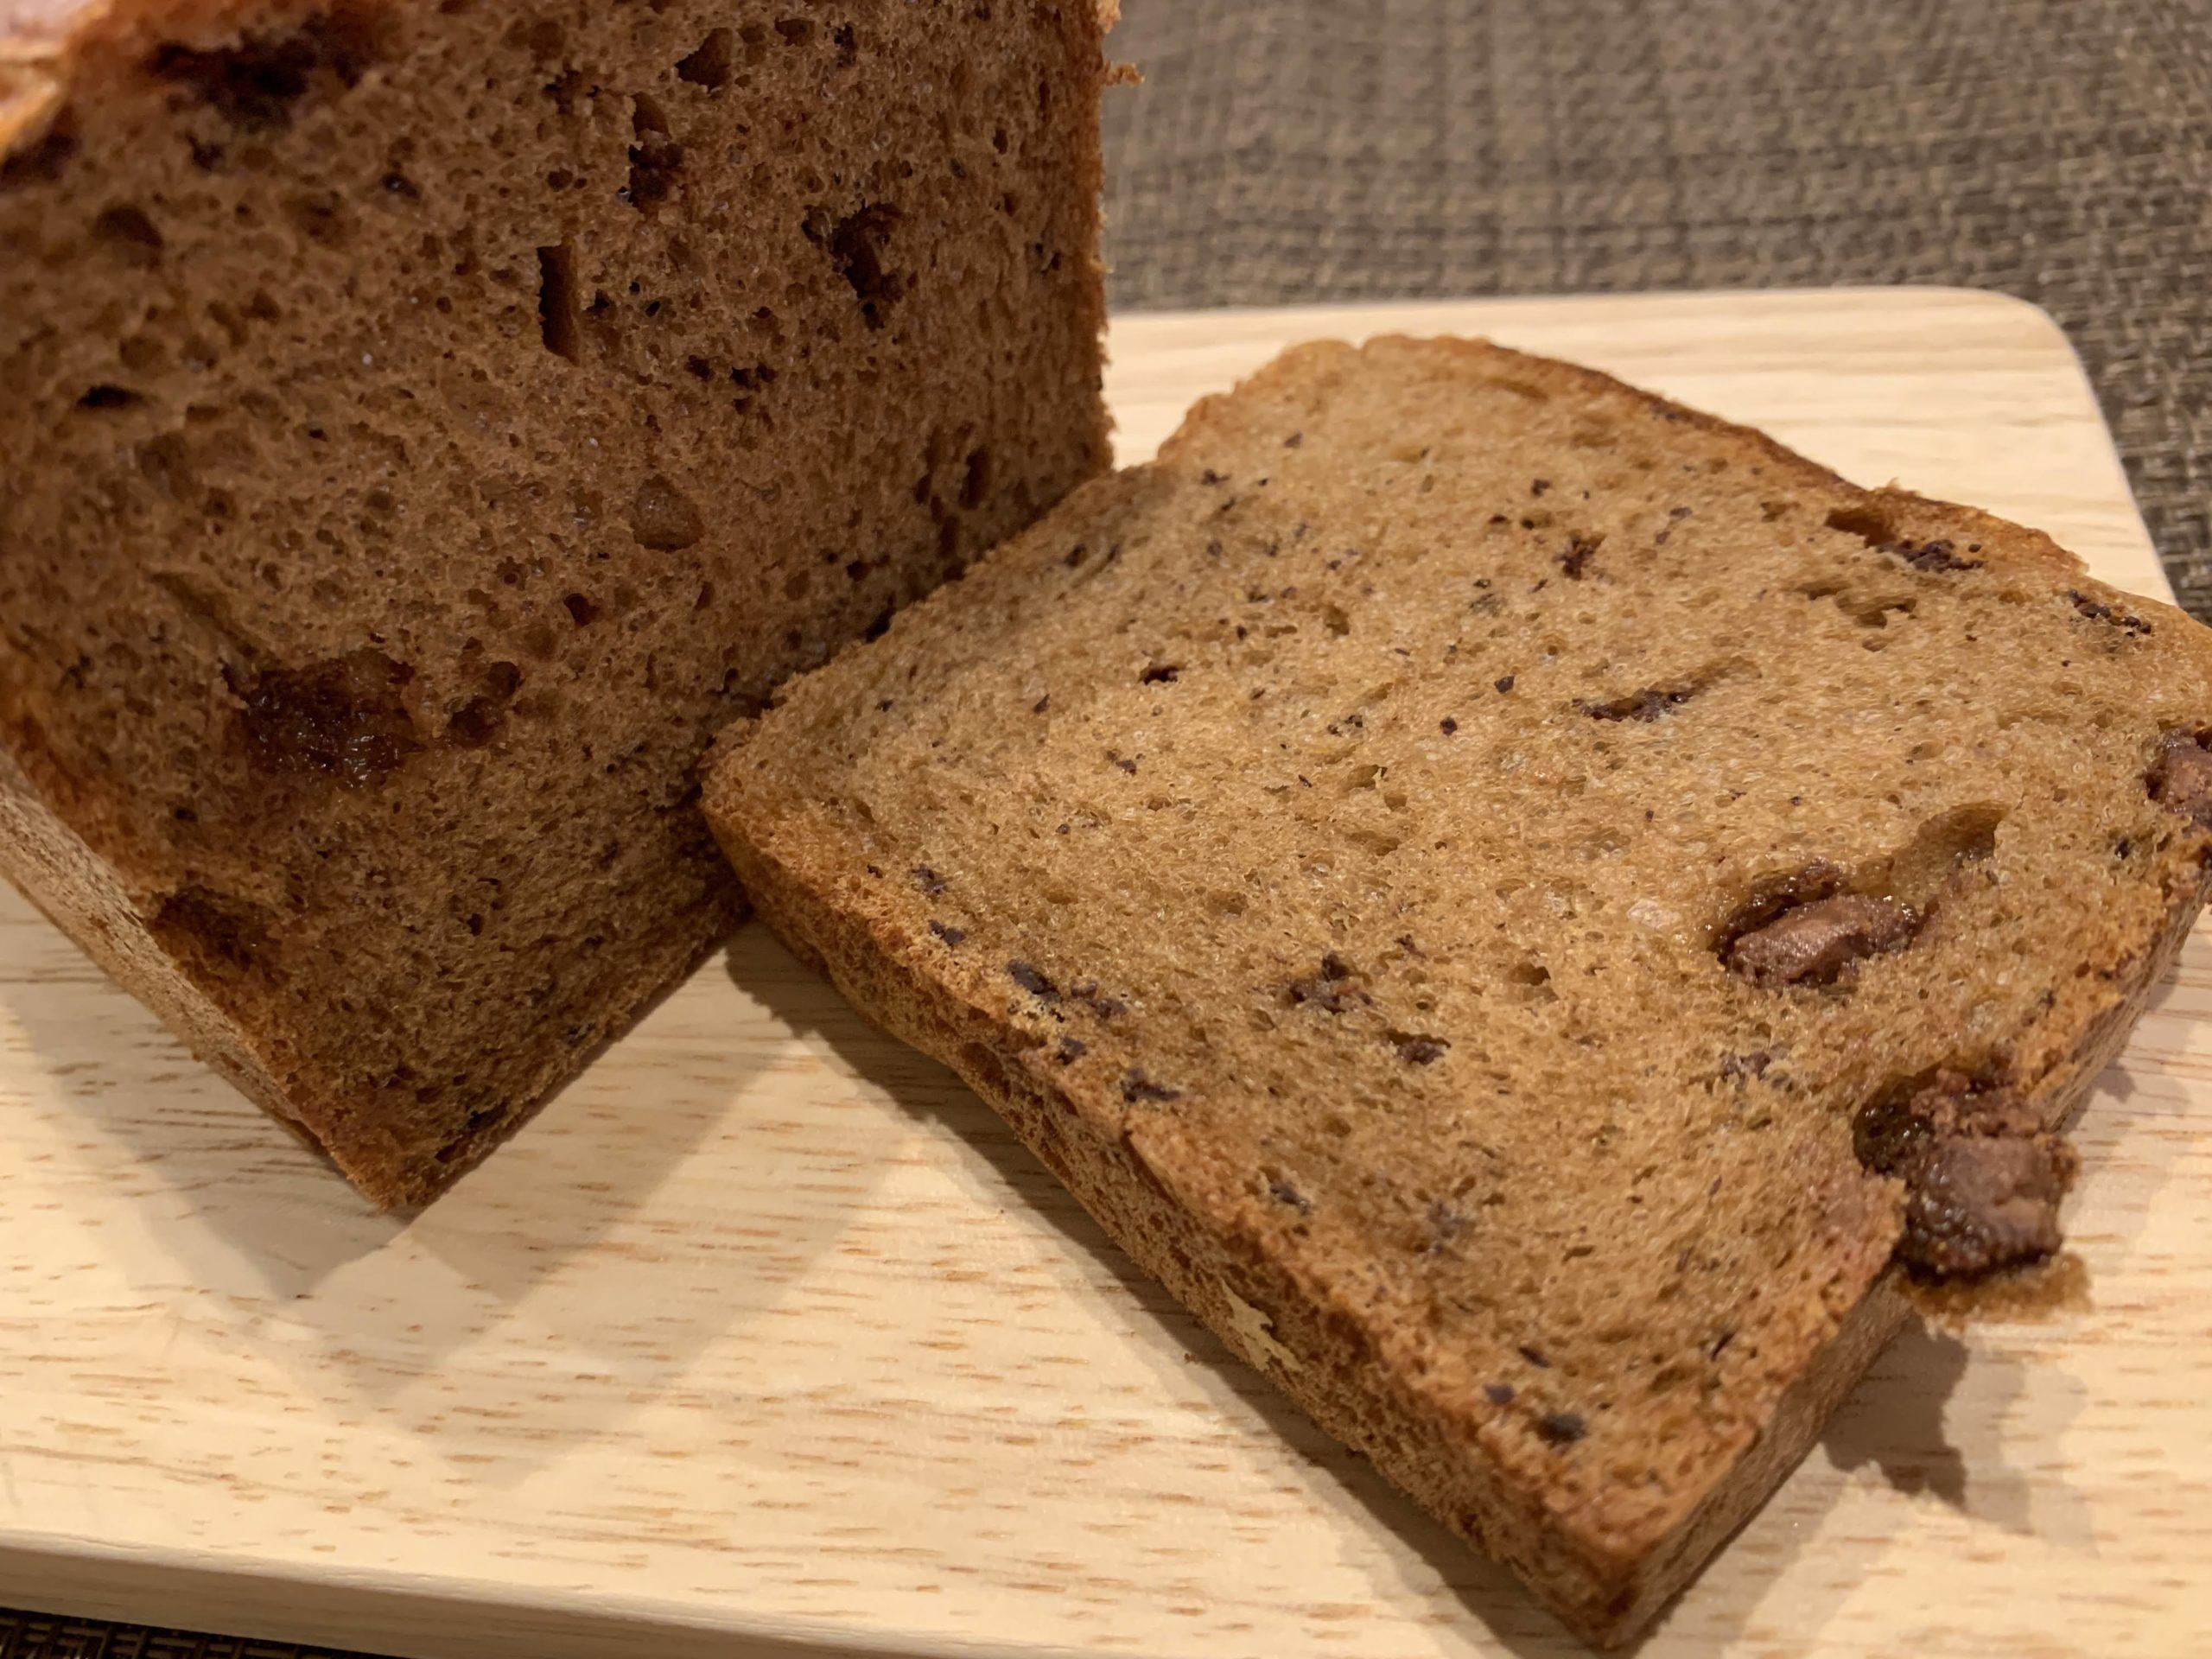 食パン専門店5+(ファイブプラス)コーヒーチョコ食パンを食べてみた